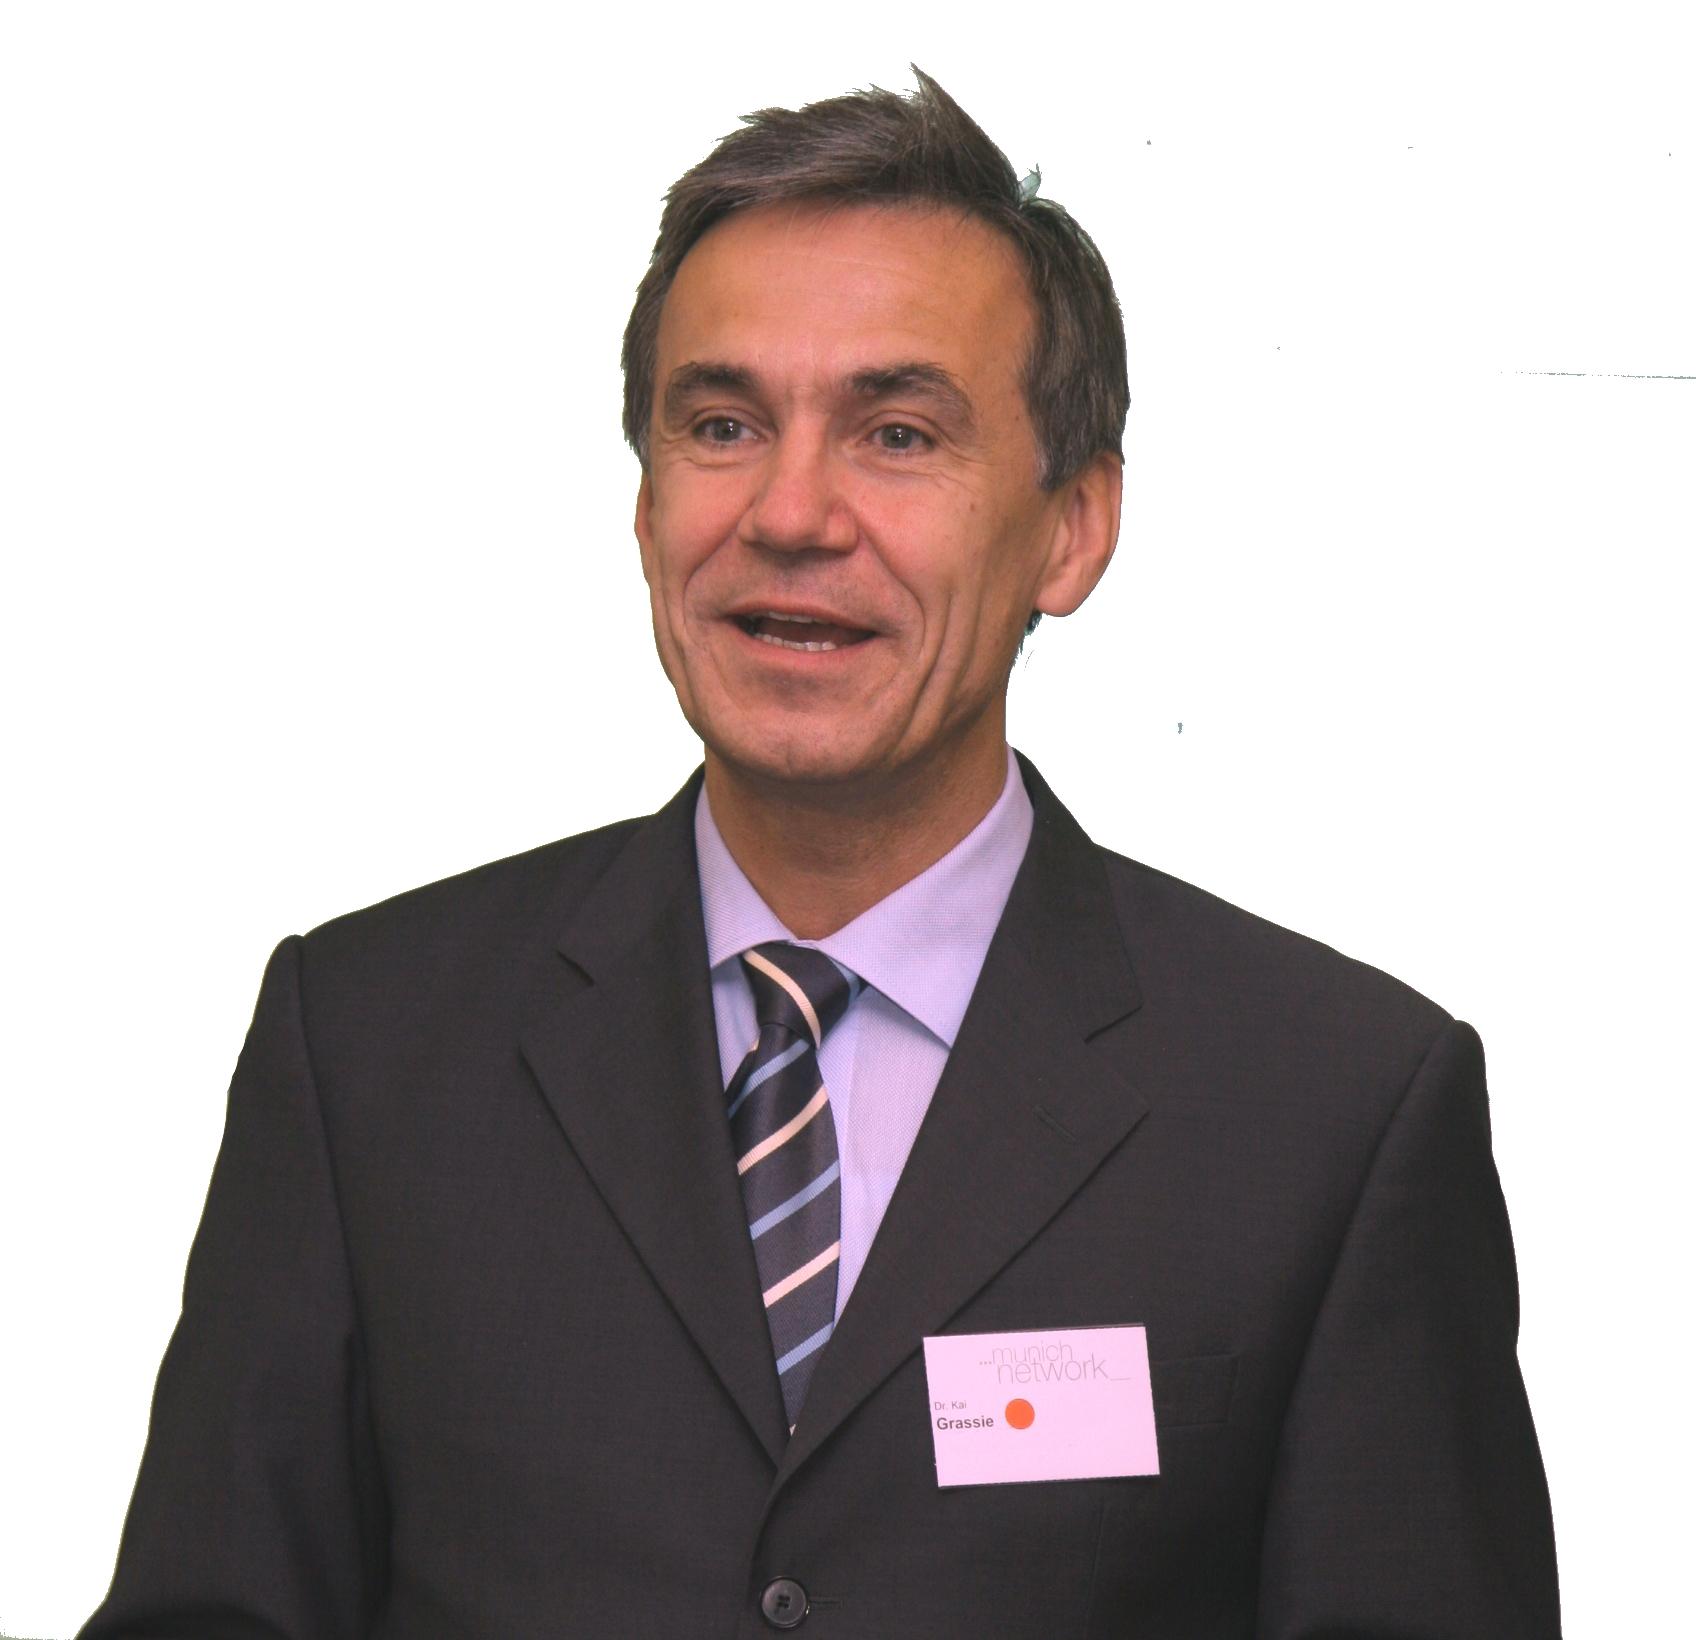 Dr. Kai Grassie